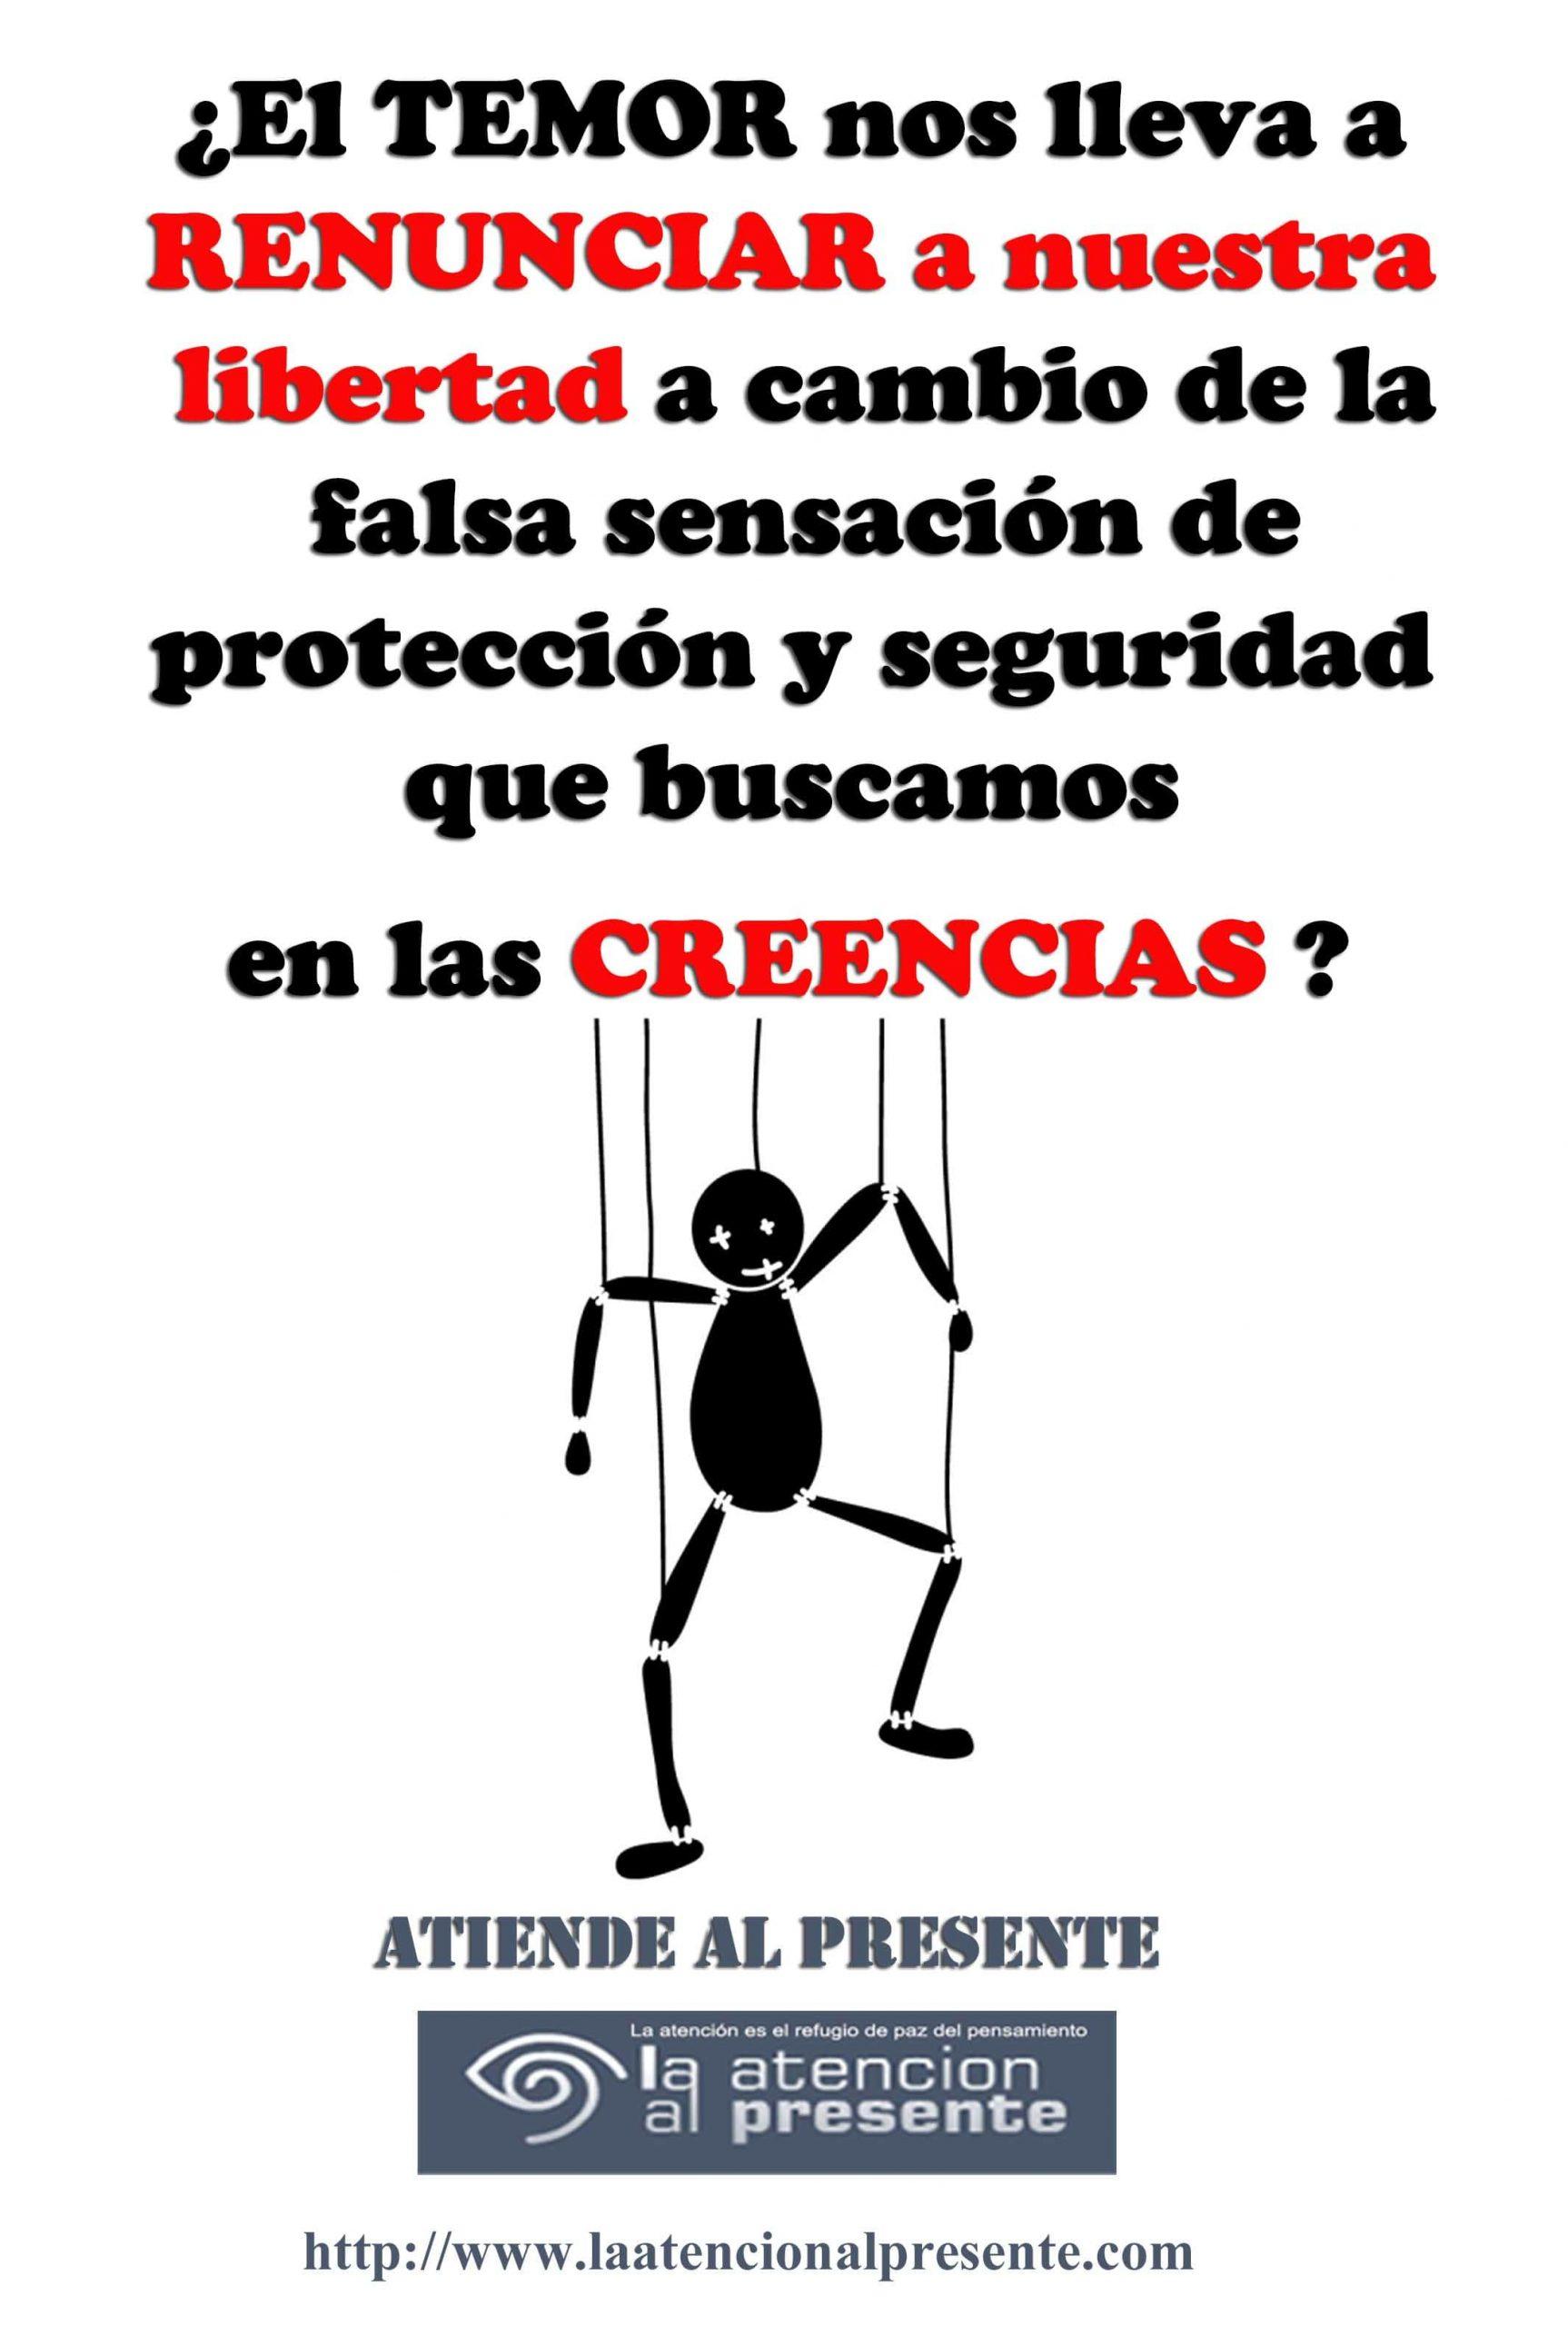 15 de agosto Esteban El TEMOR nos lleva a RENUNCIAR a nuestra libertad a cambio de la falsa sensacion de proteccion y seguridad que buscamos en las CREENCIAS min scaled